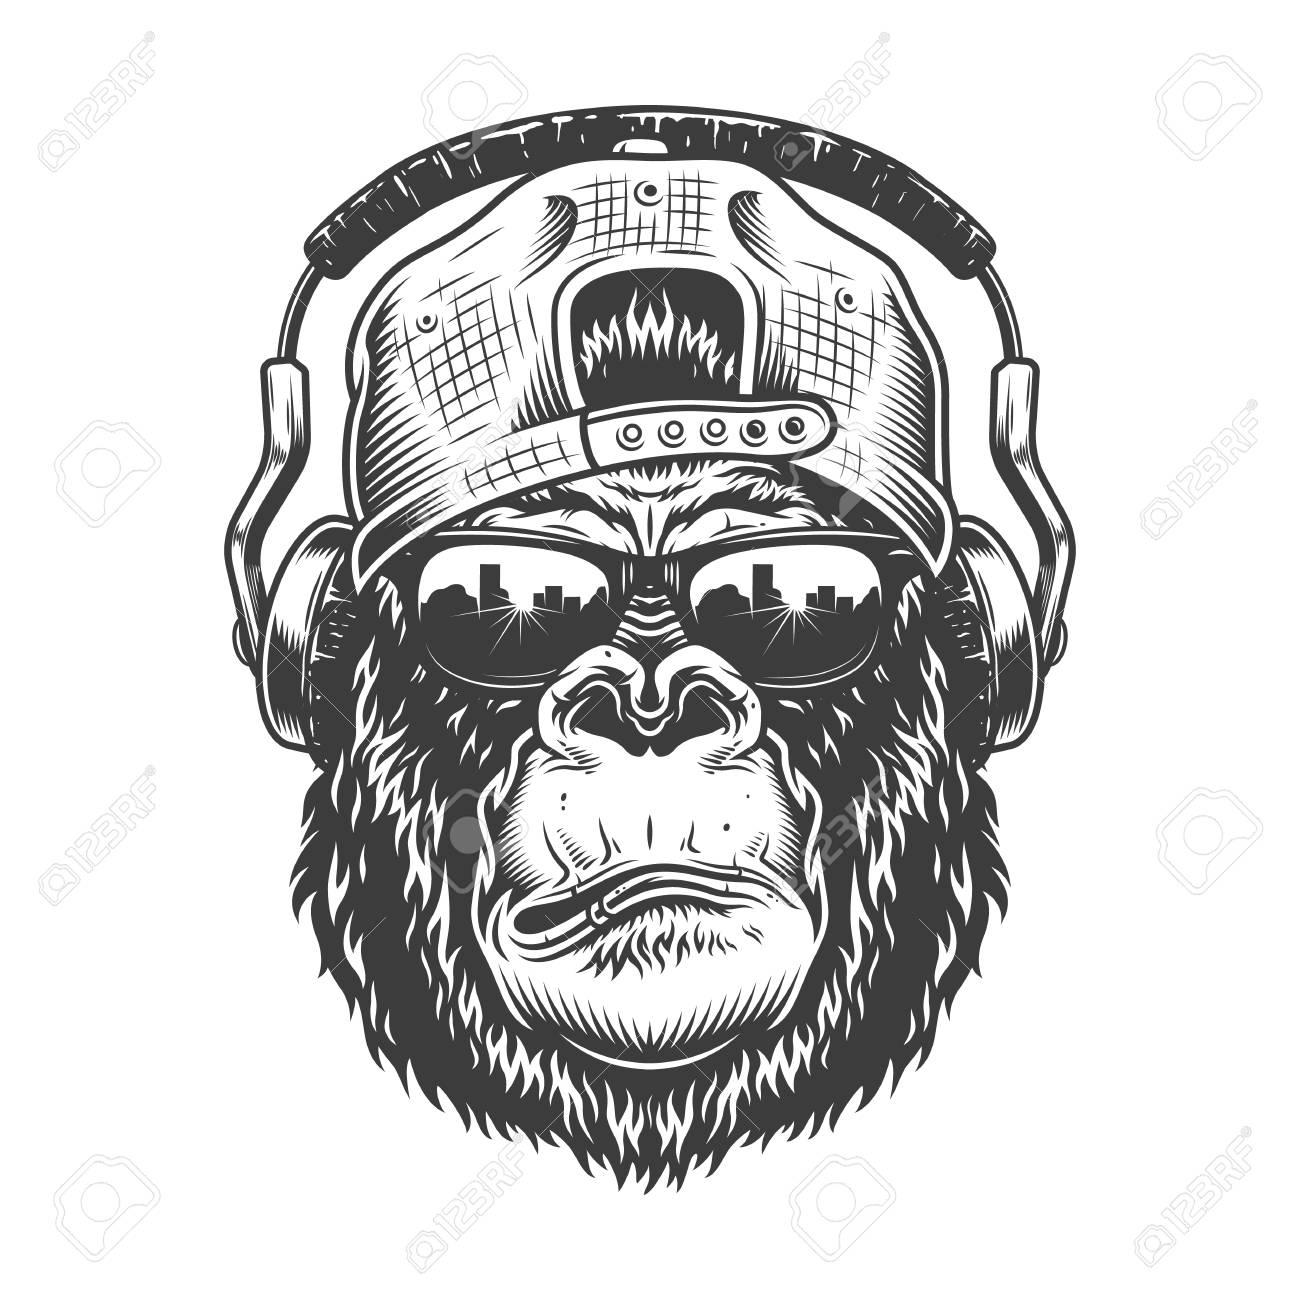 Gorilla head in monochrome style - 106926841